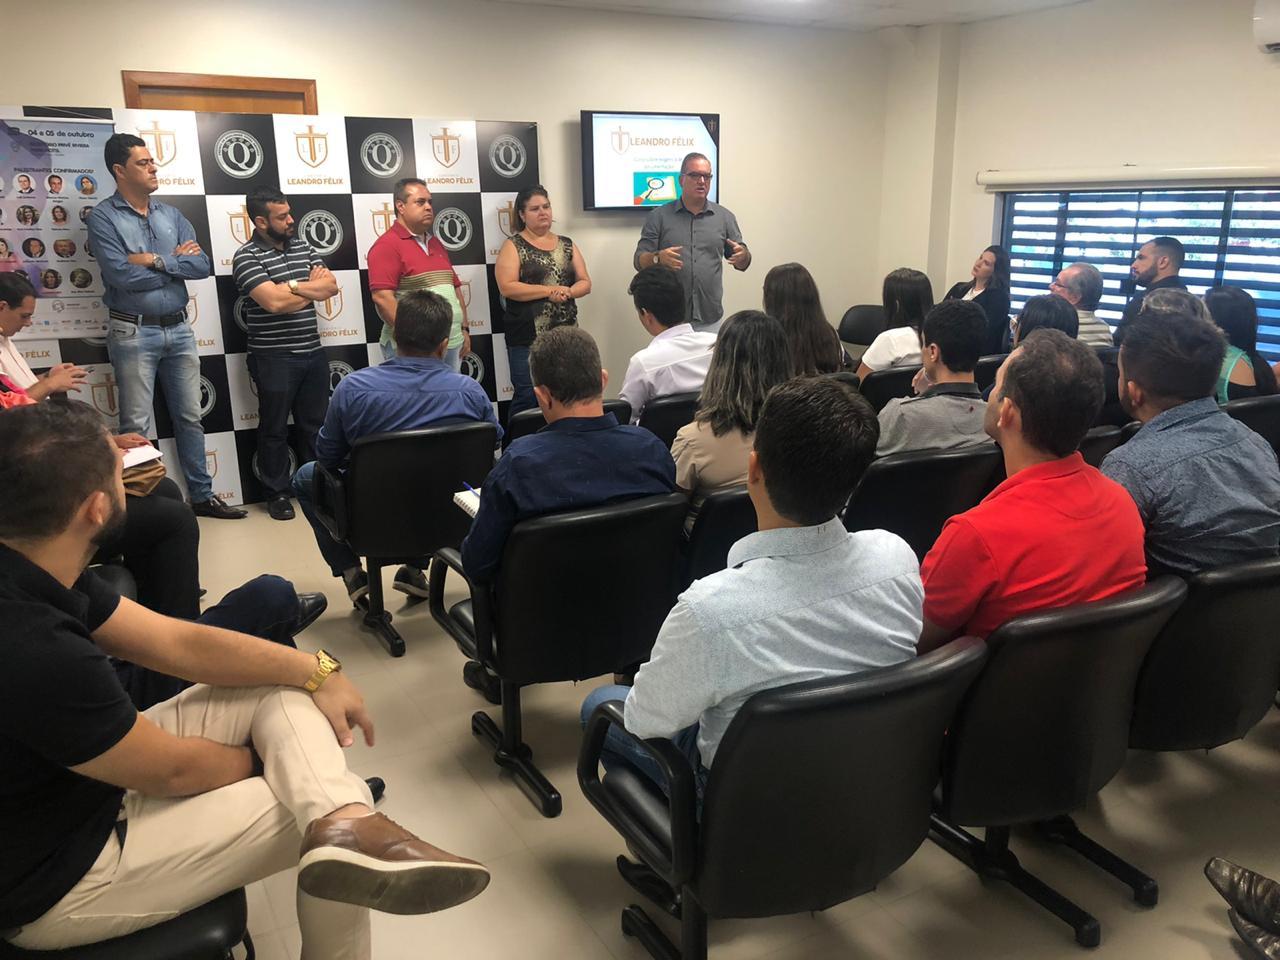 Ciclo de cursos é encerrado com sucesso em Caldas Novas   CRECI-GO/ Conselho Regional de Corretores de Imóveis de Goiás